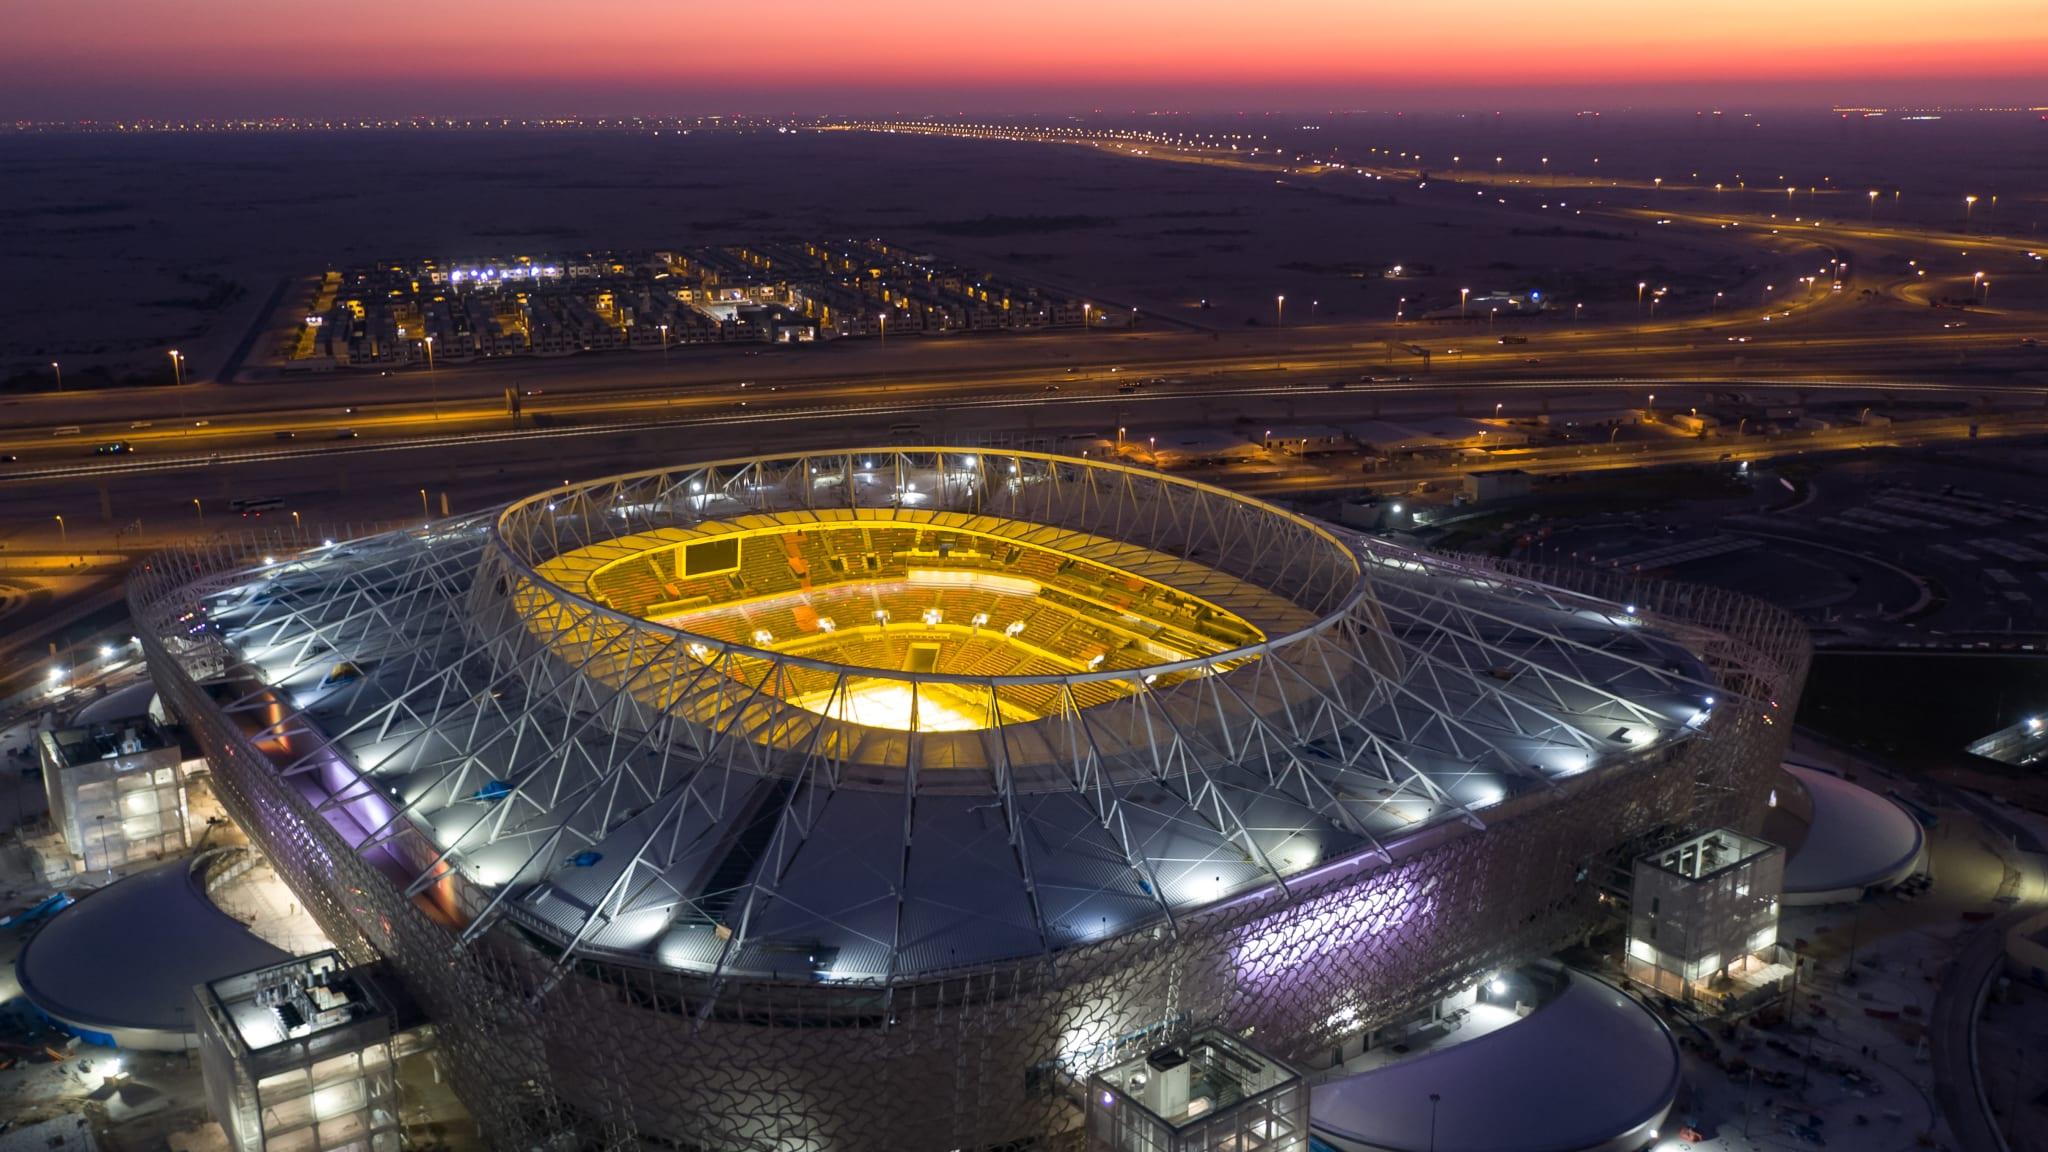 Intip Desain Stadion Al Rayyan Qatar yang Mewah dan Menakjubkan